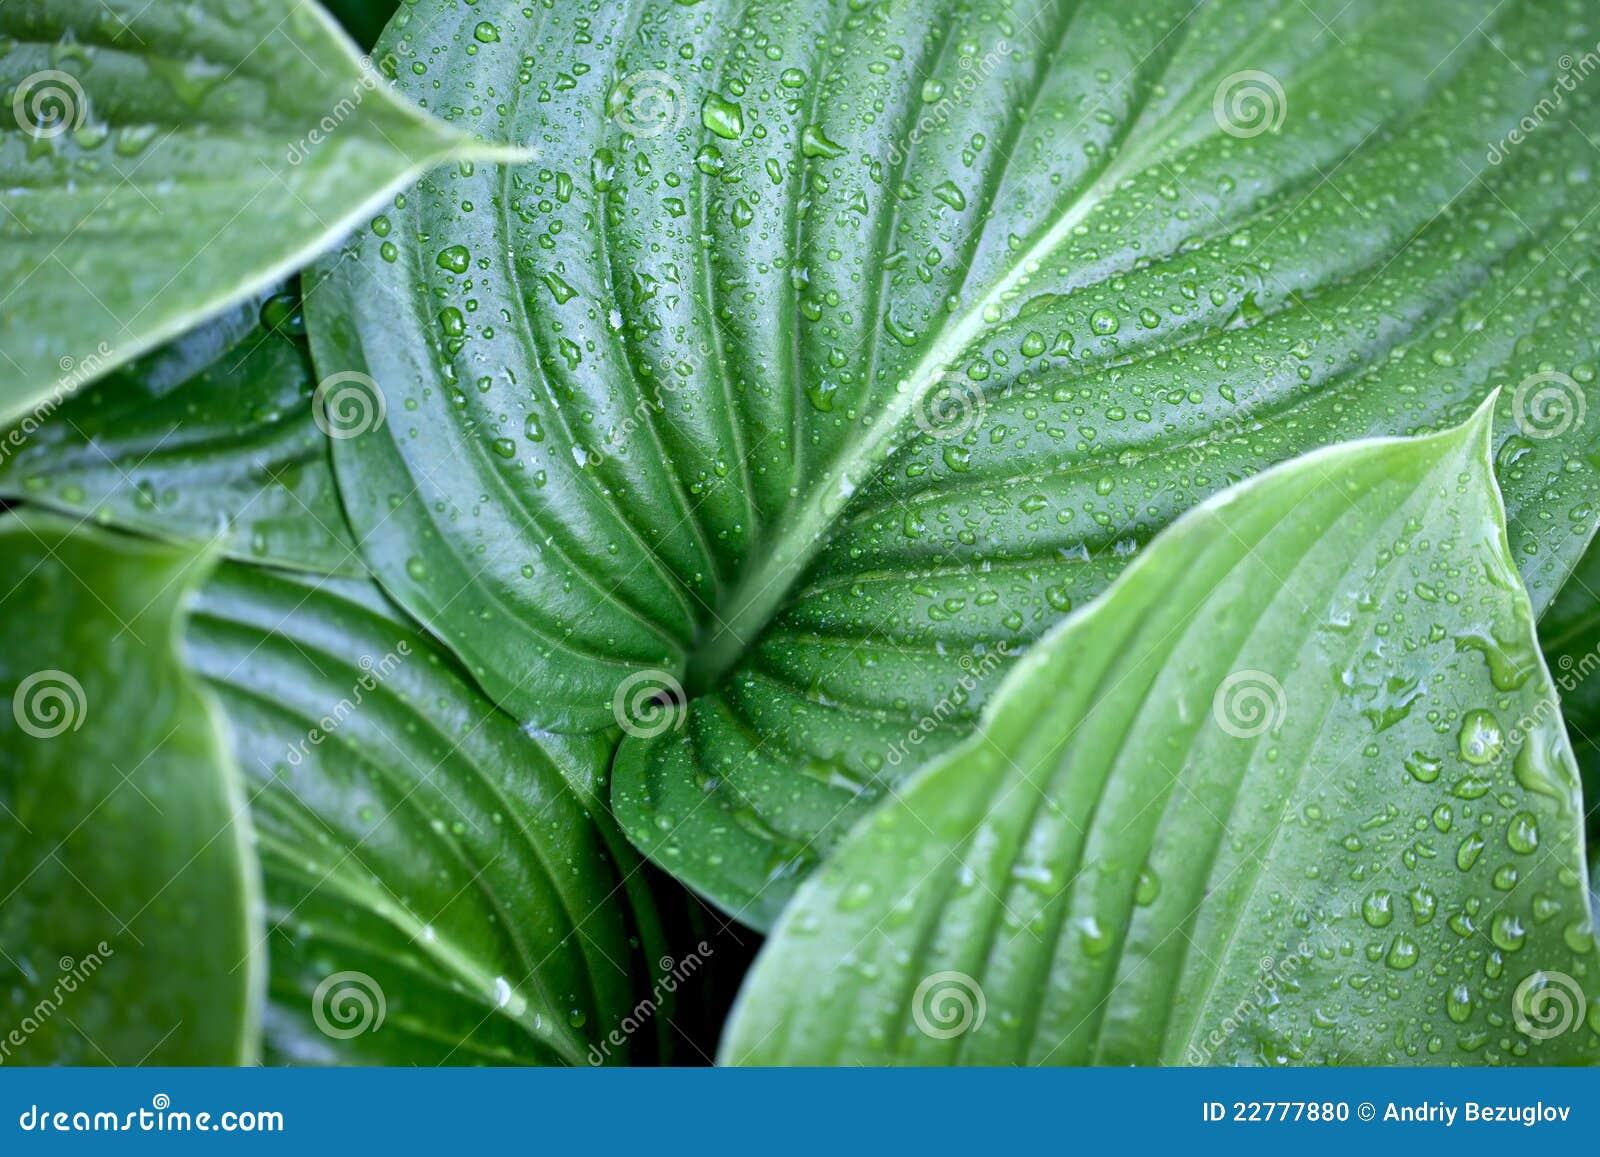 Hojas grandes del verde foto de archivo imagen 22777880 - Plantas de hojas grandes y verdes de exterior ...